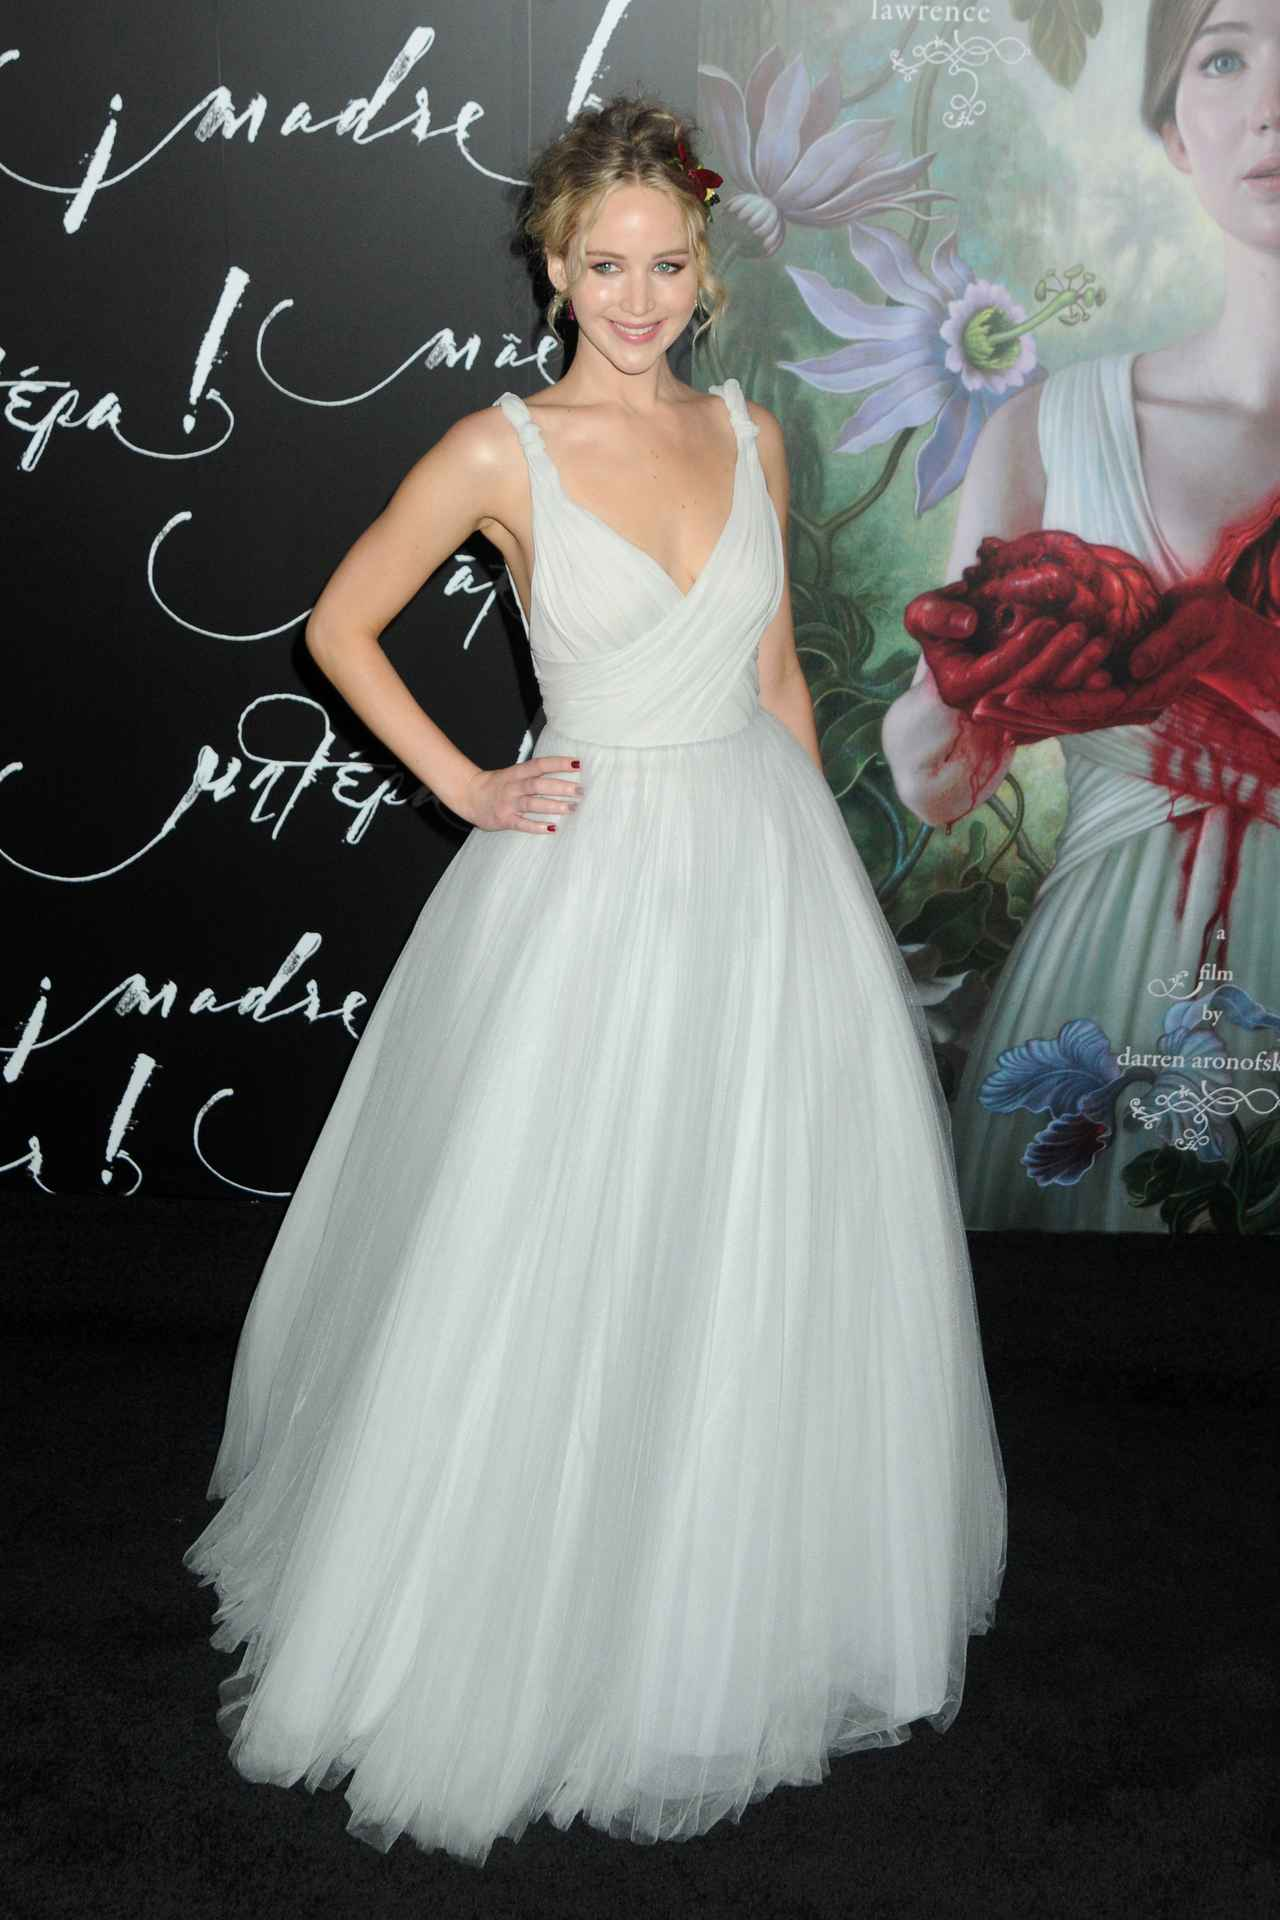 画像: 恋人と2ショットも!花冠をつけたジェニファー・ローレンスのドレス姿が可愛すぎる